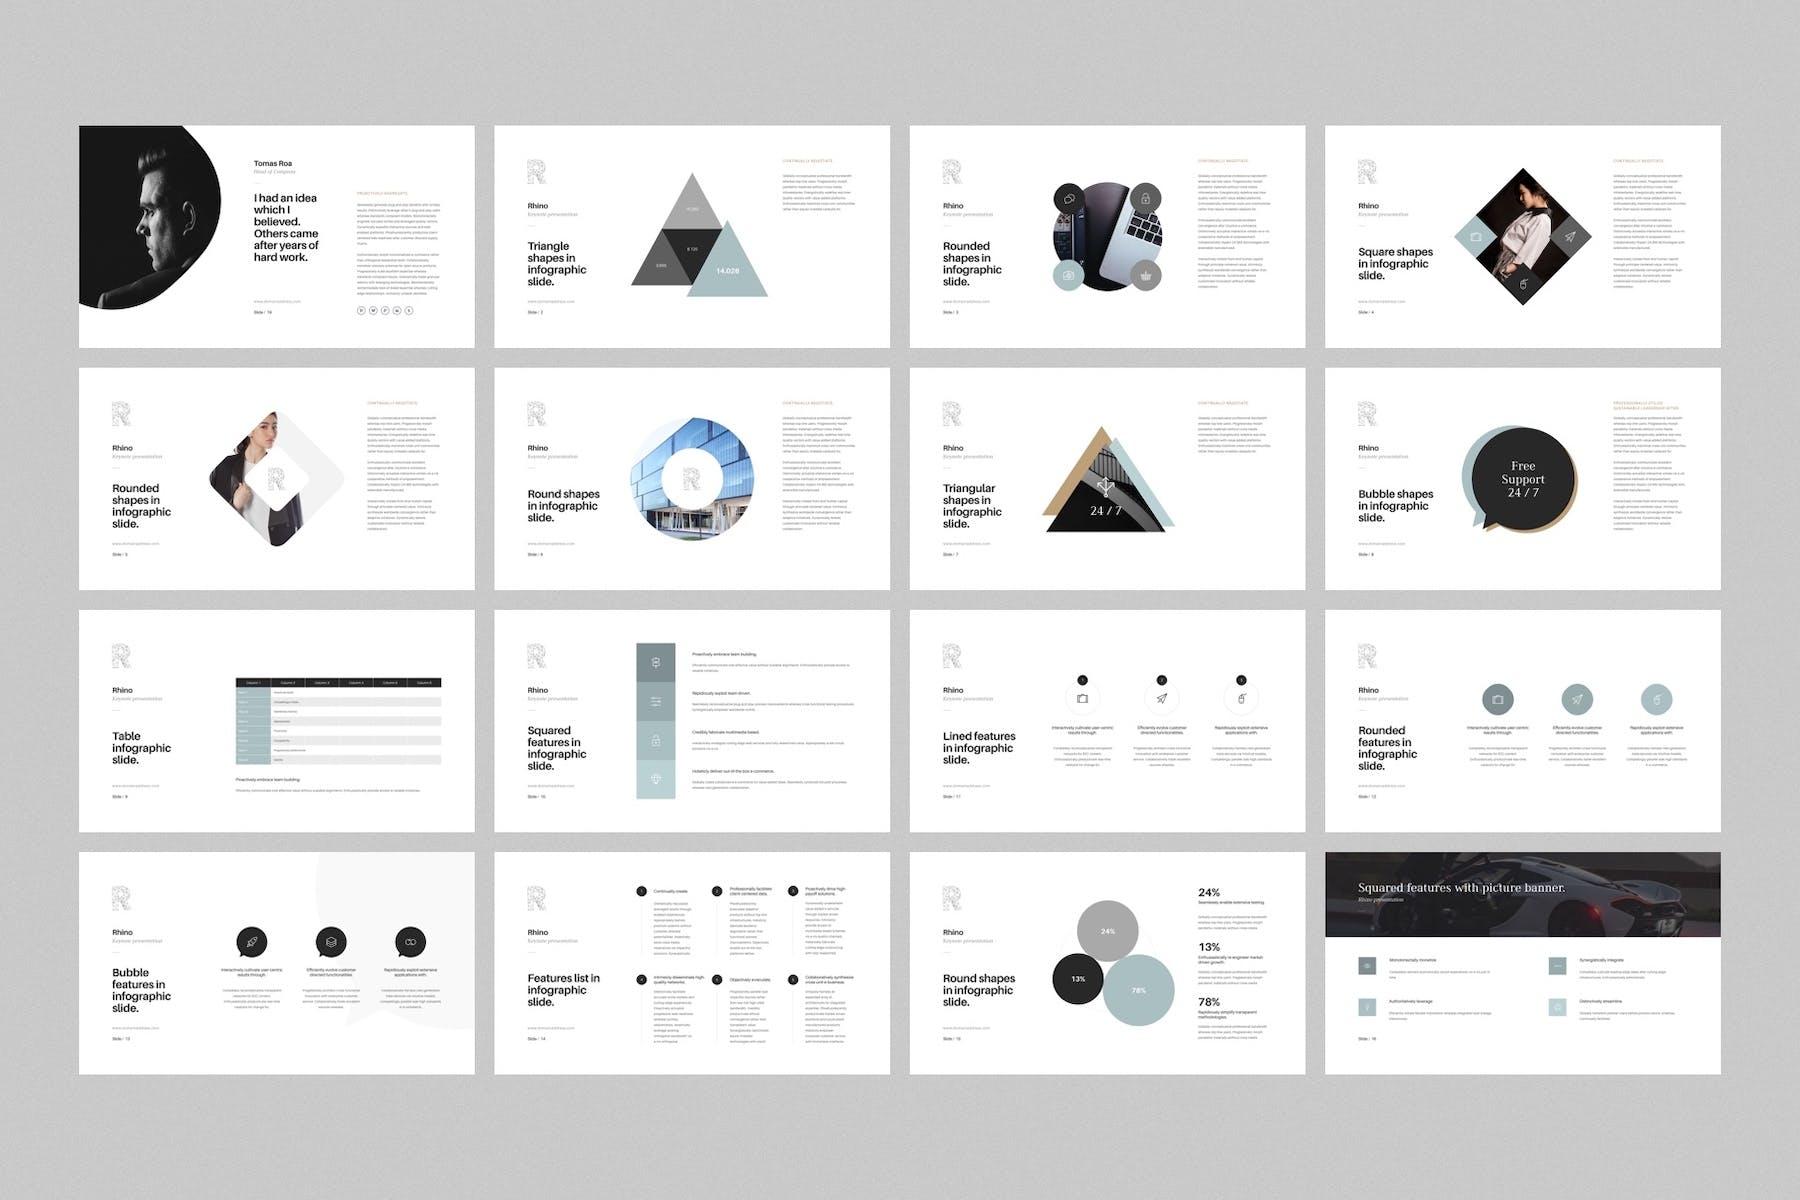 多用途极简风格PPT幻灯片模板下载Rhino Keynote Presentation Template插图(2)